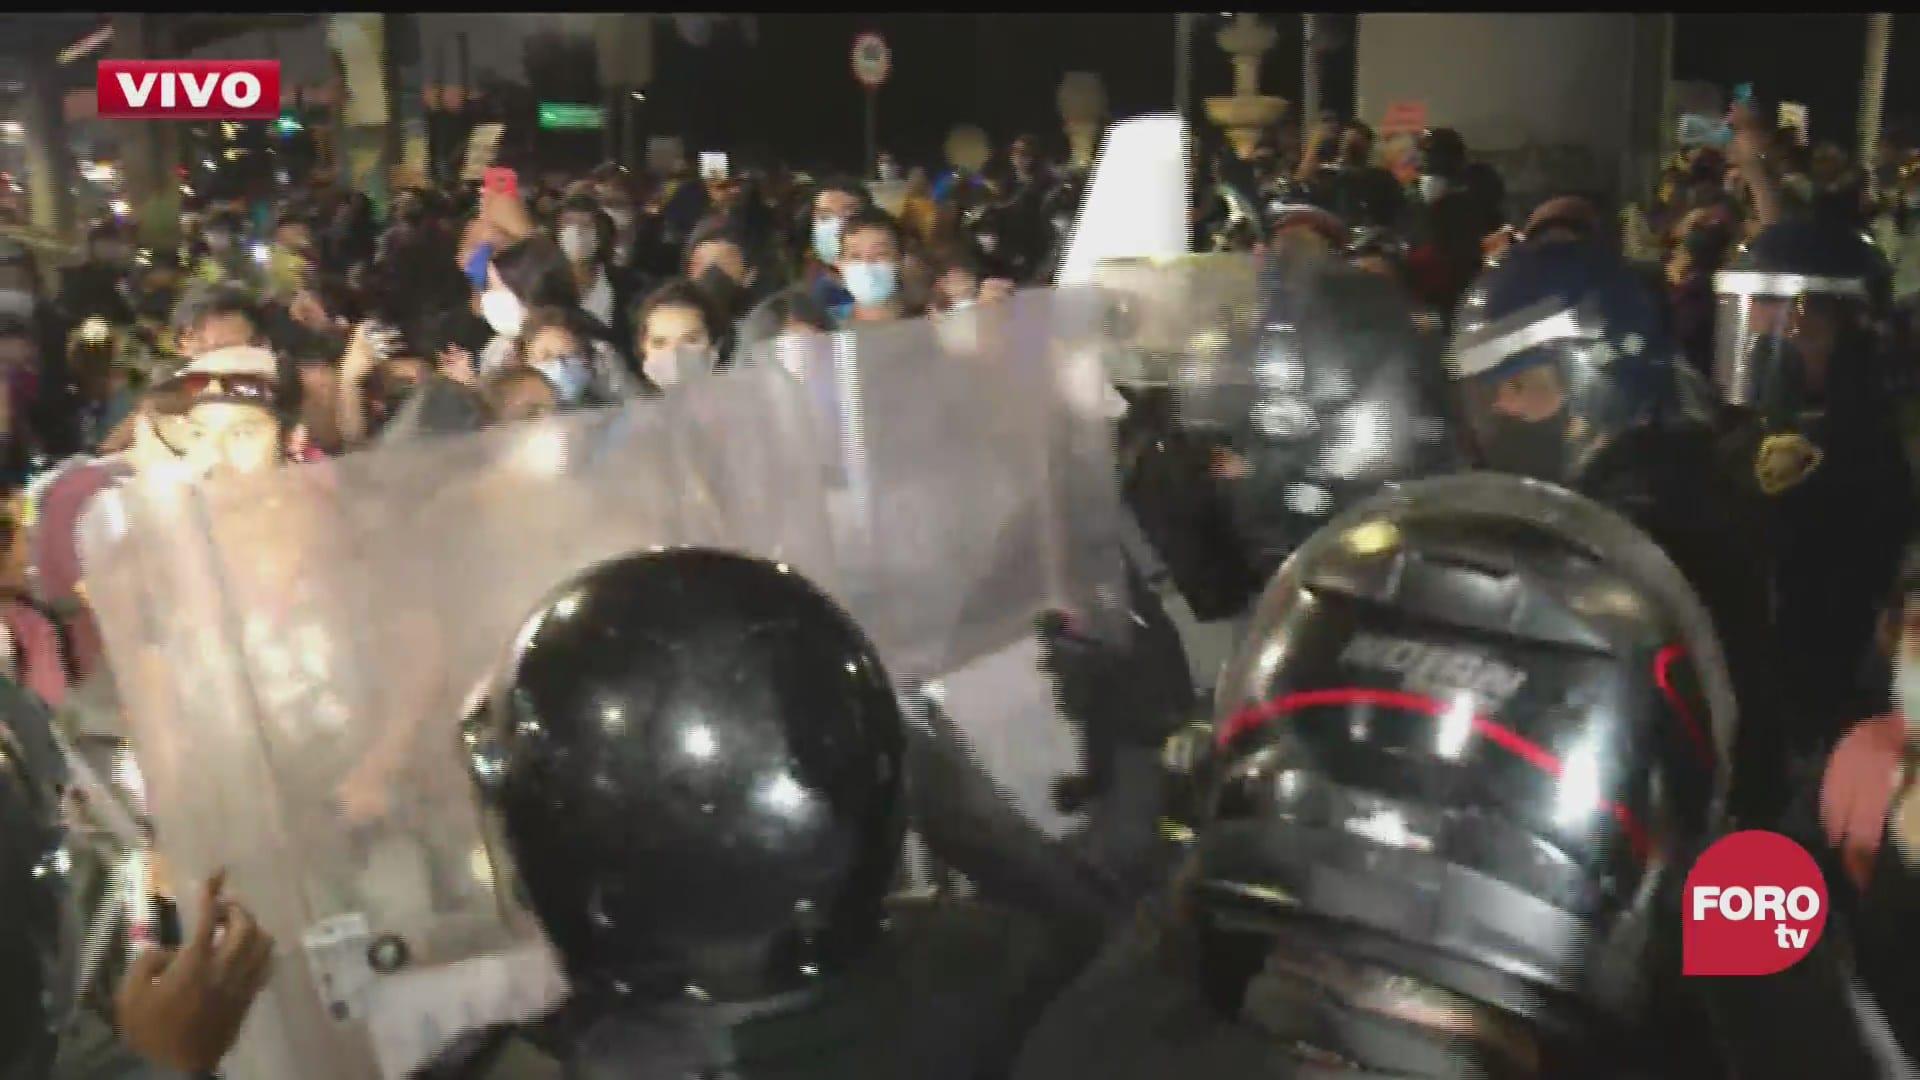 Manifestantes se confrontan con policías en zona del accidente de la L12 del Metro